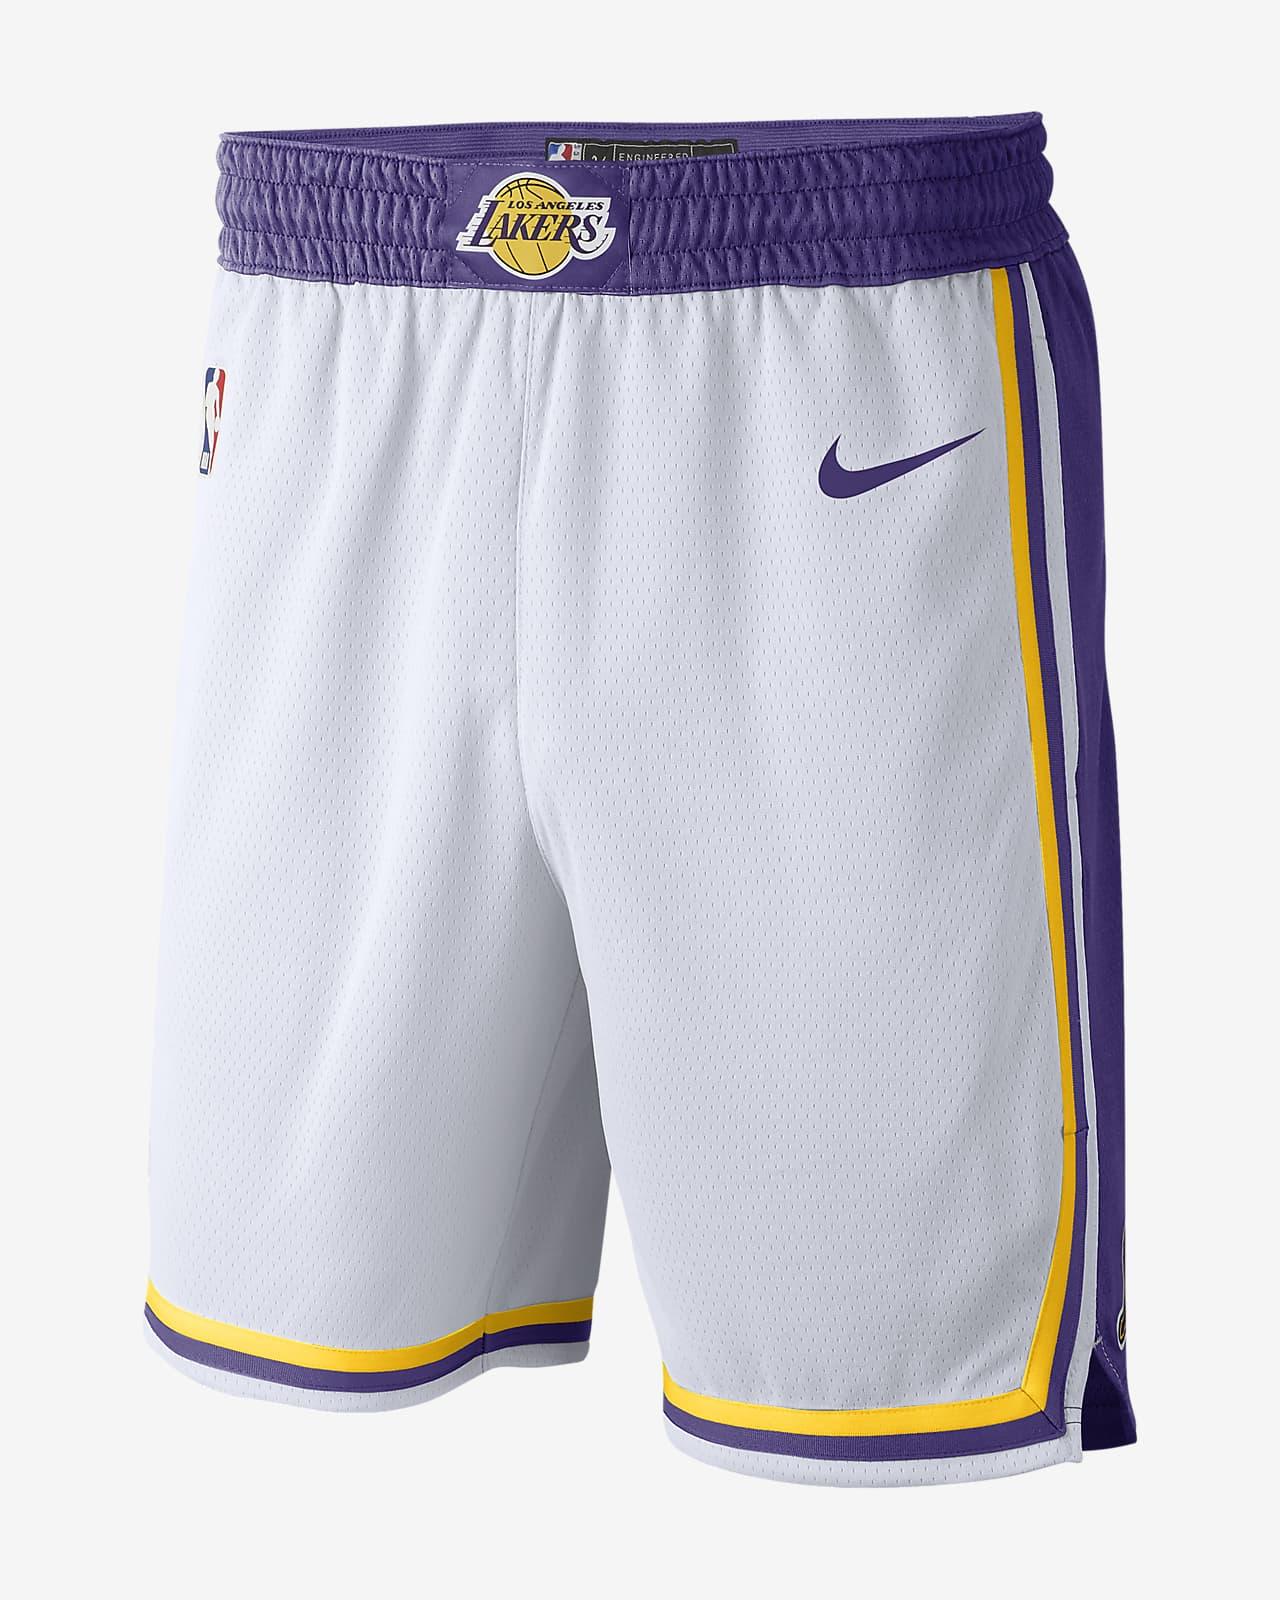 洛杉矶湖人队 Nike NBA Swingman 男子短裤